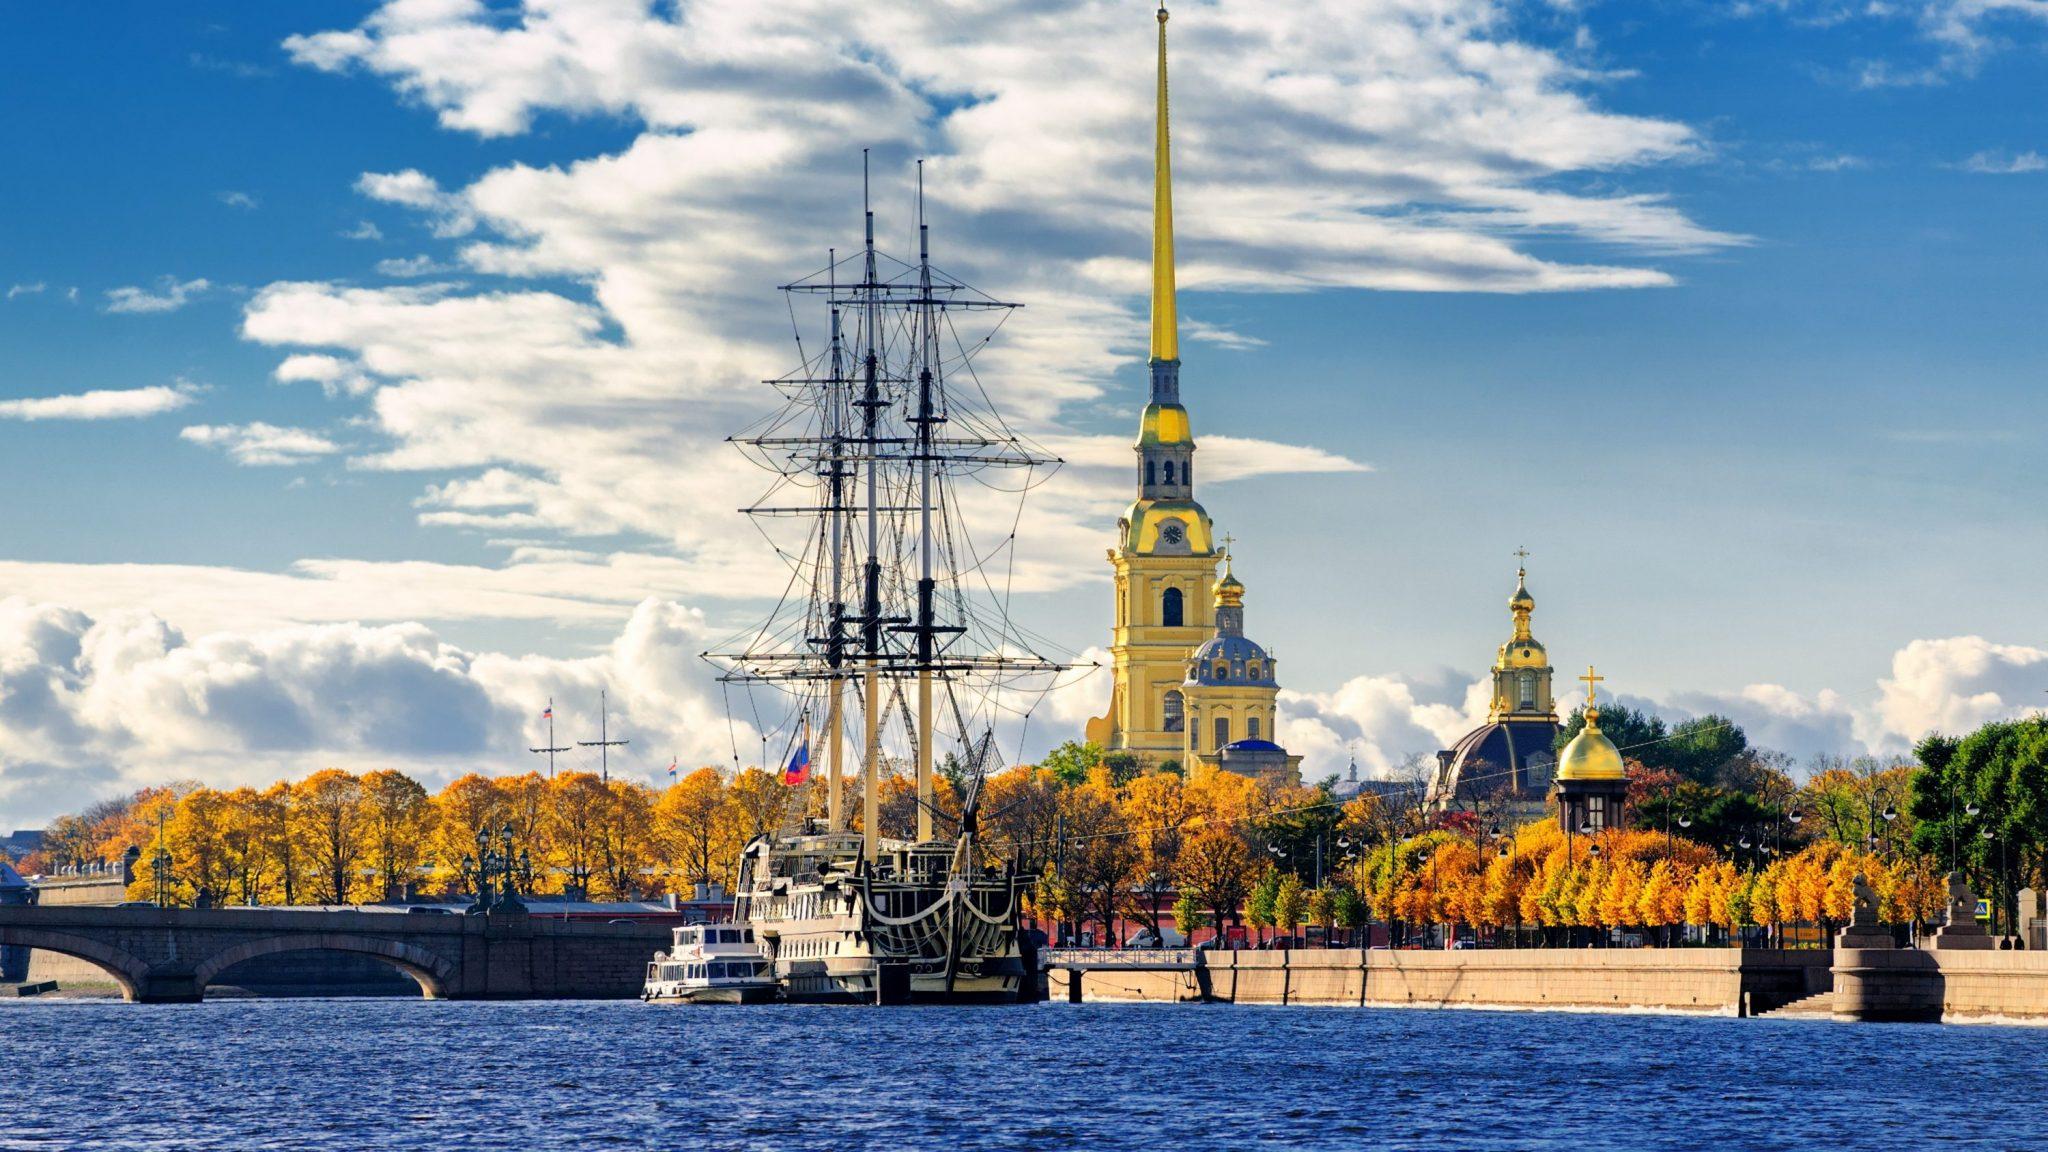 Peter-Paul-Festung, St. Petersburg, Russland-Reisen, Comfort Plus Reise